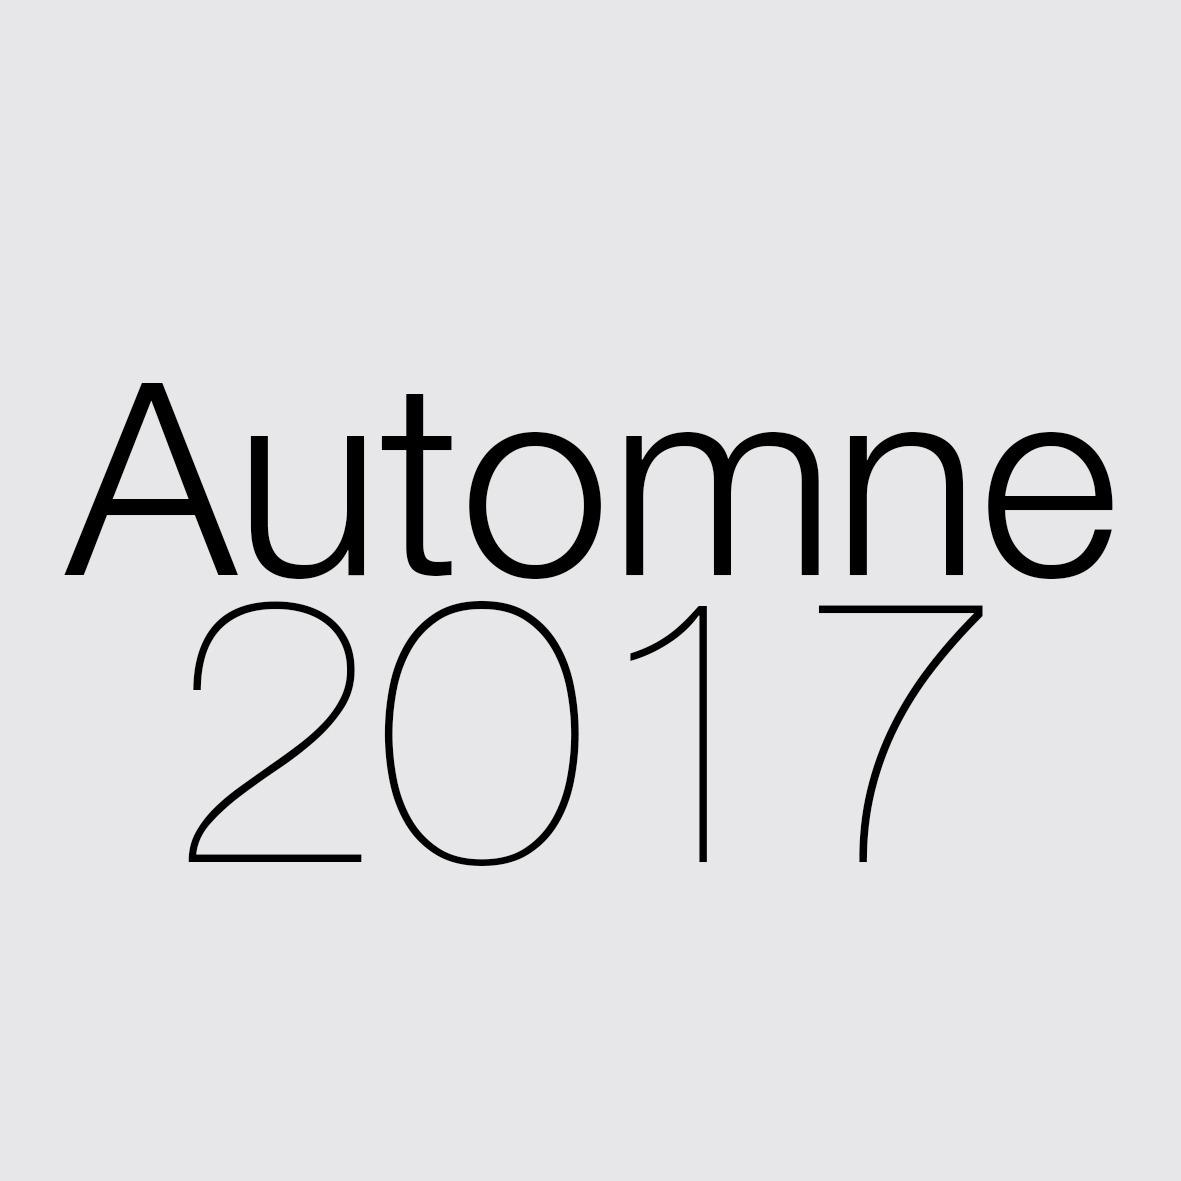 Automne 2017